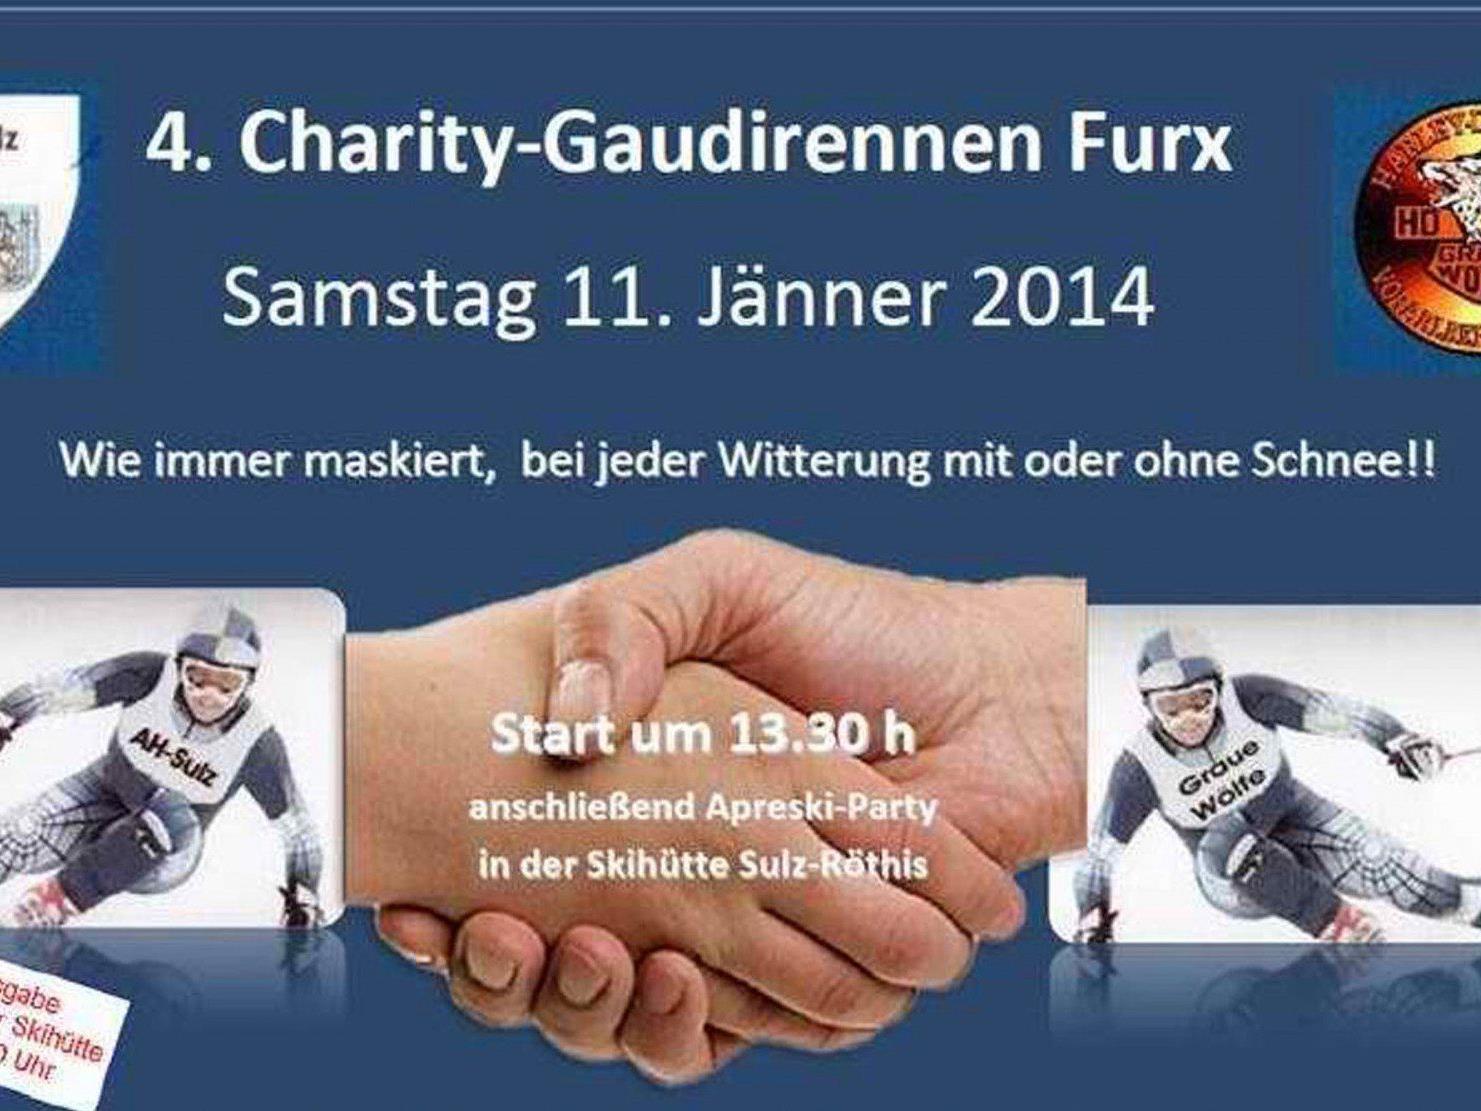 Die Altherren des FC Sulz laden zusammen mit vielen Freunden zum Charity Schirennen nach Furx!